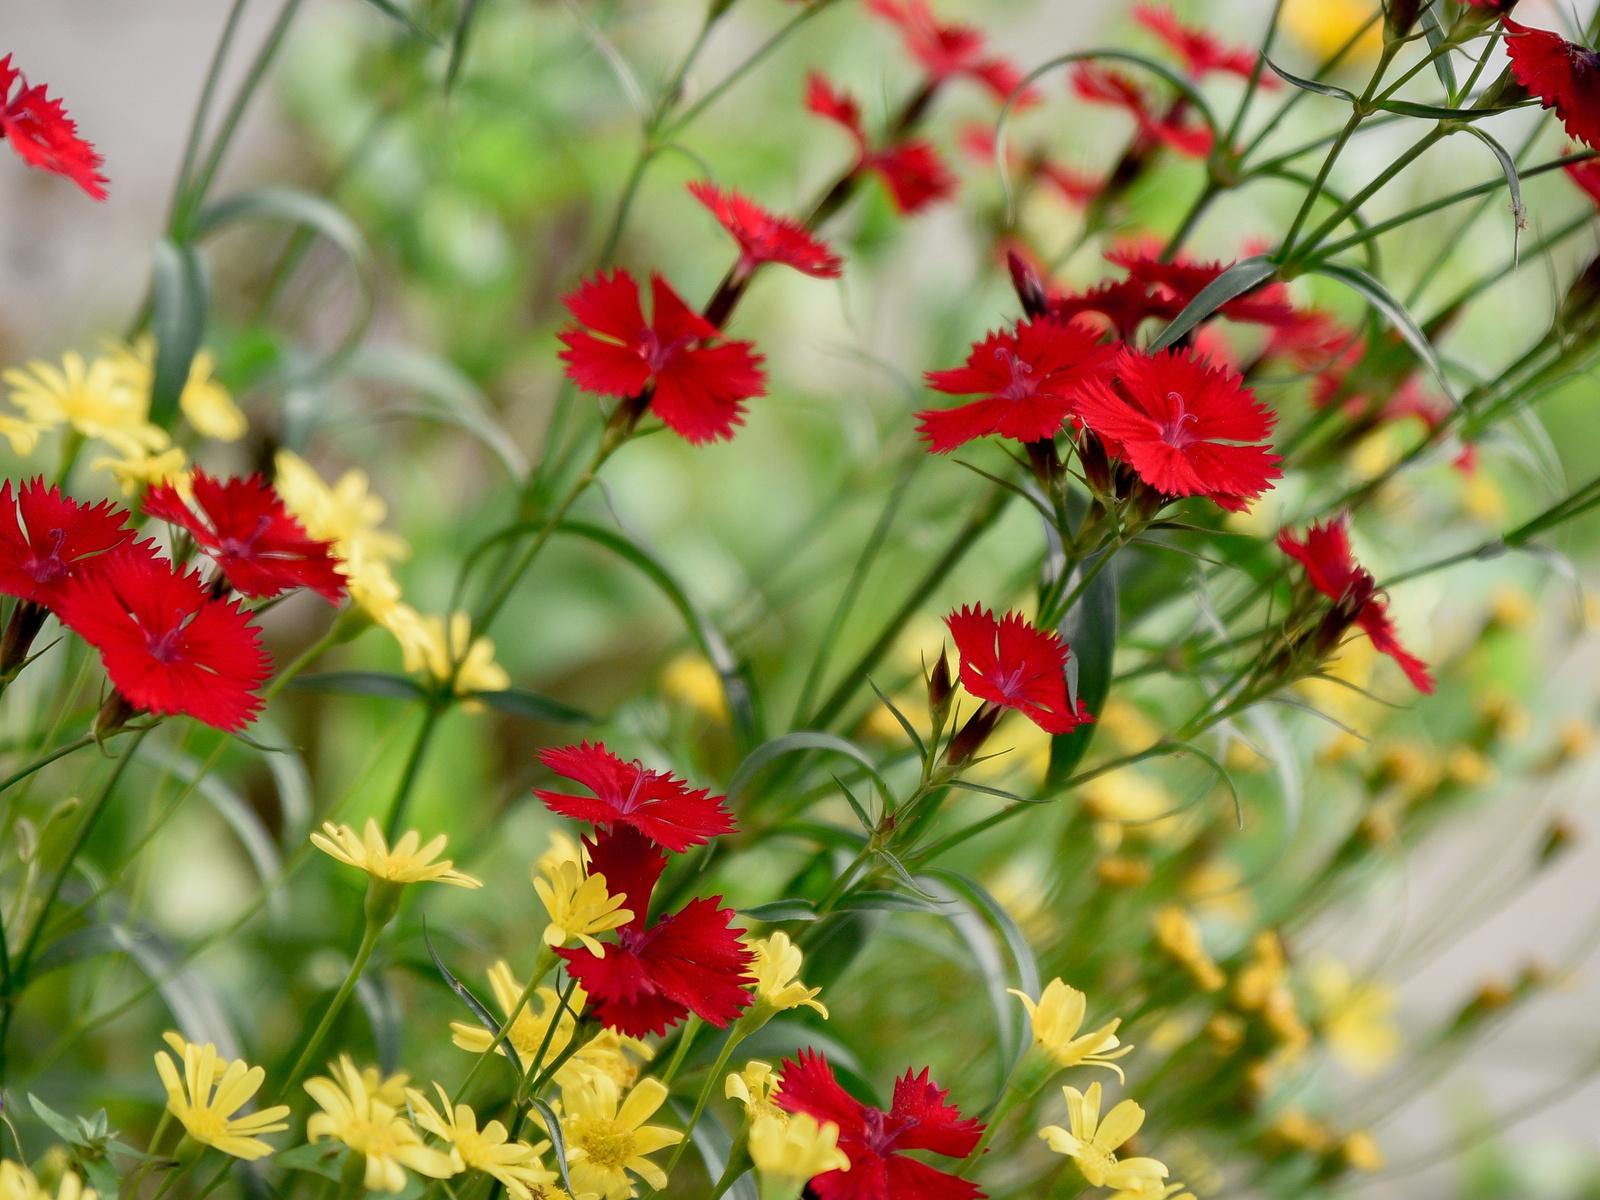 васильки, цветы, цветение, красный